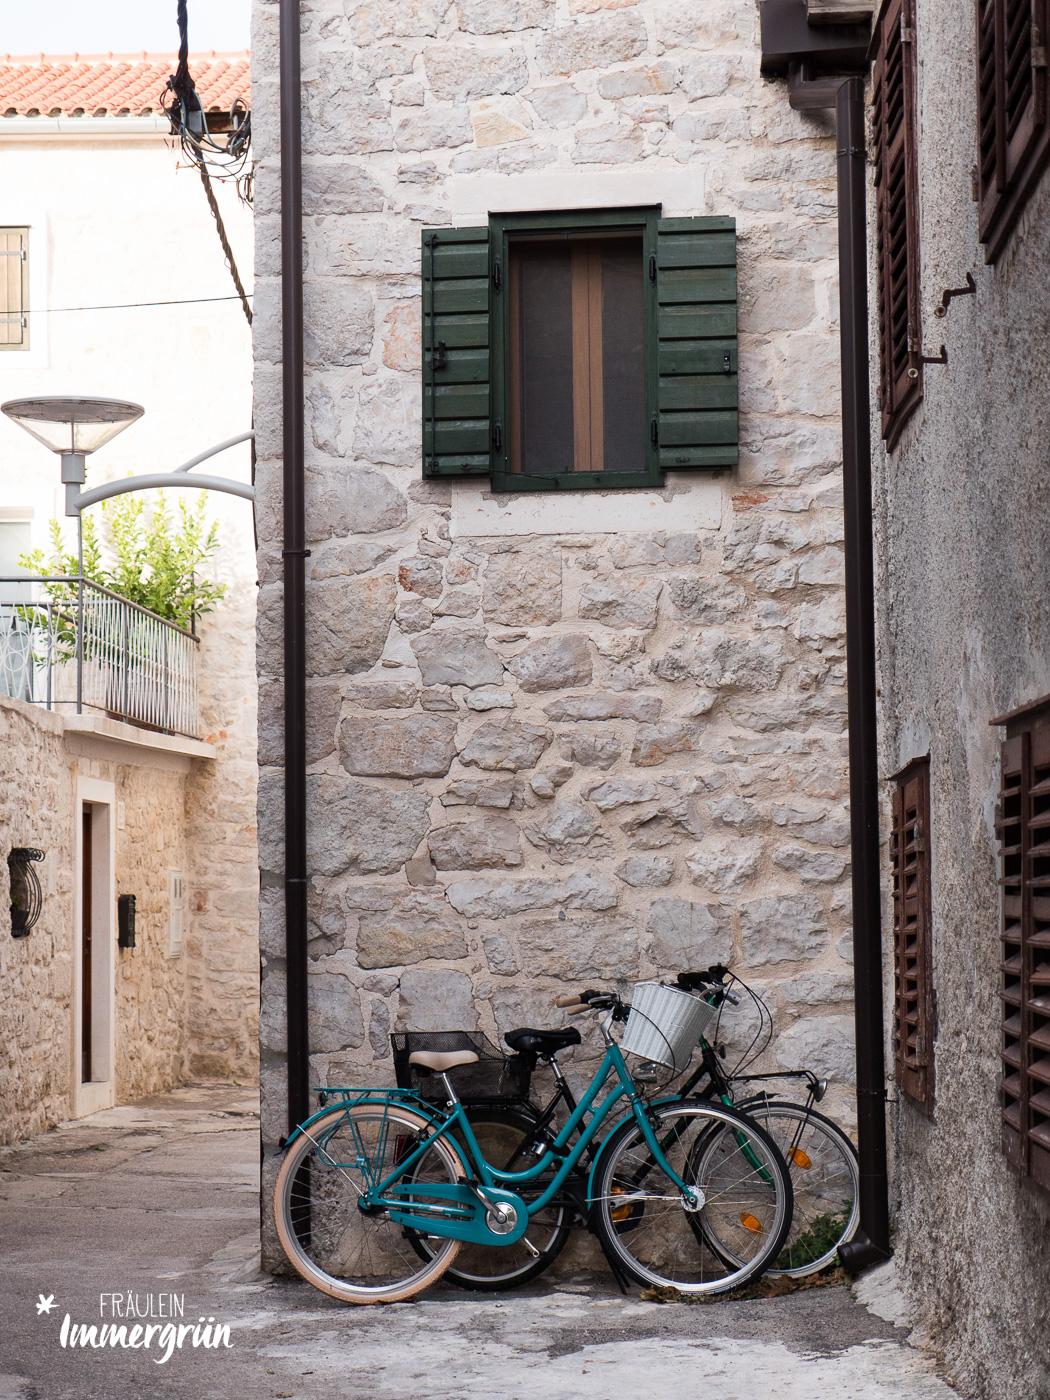 Dalmatien in Kroatien: Urlaub an der dalmatinischen Küste in der Nebensaison – Insel Murter mit Betina